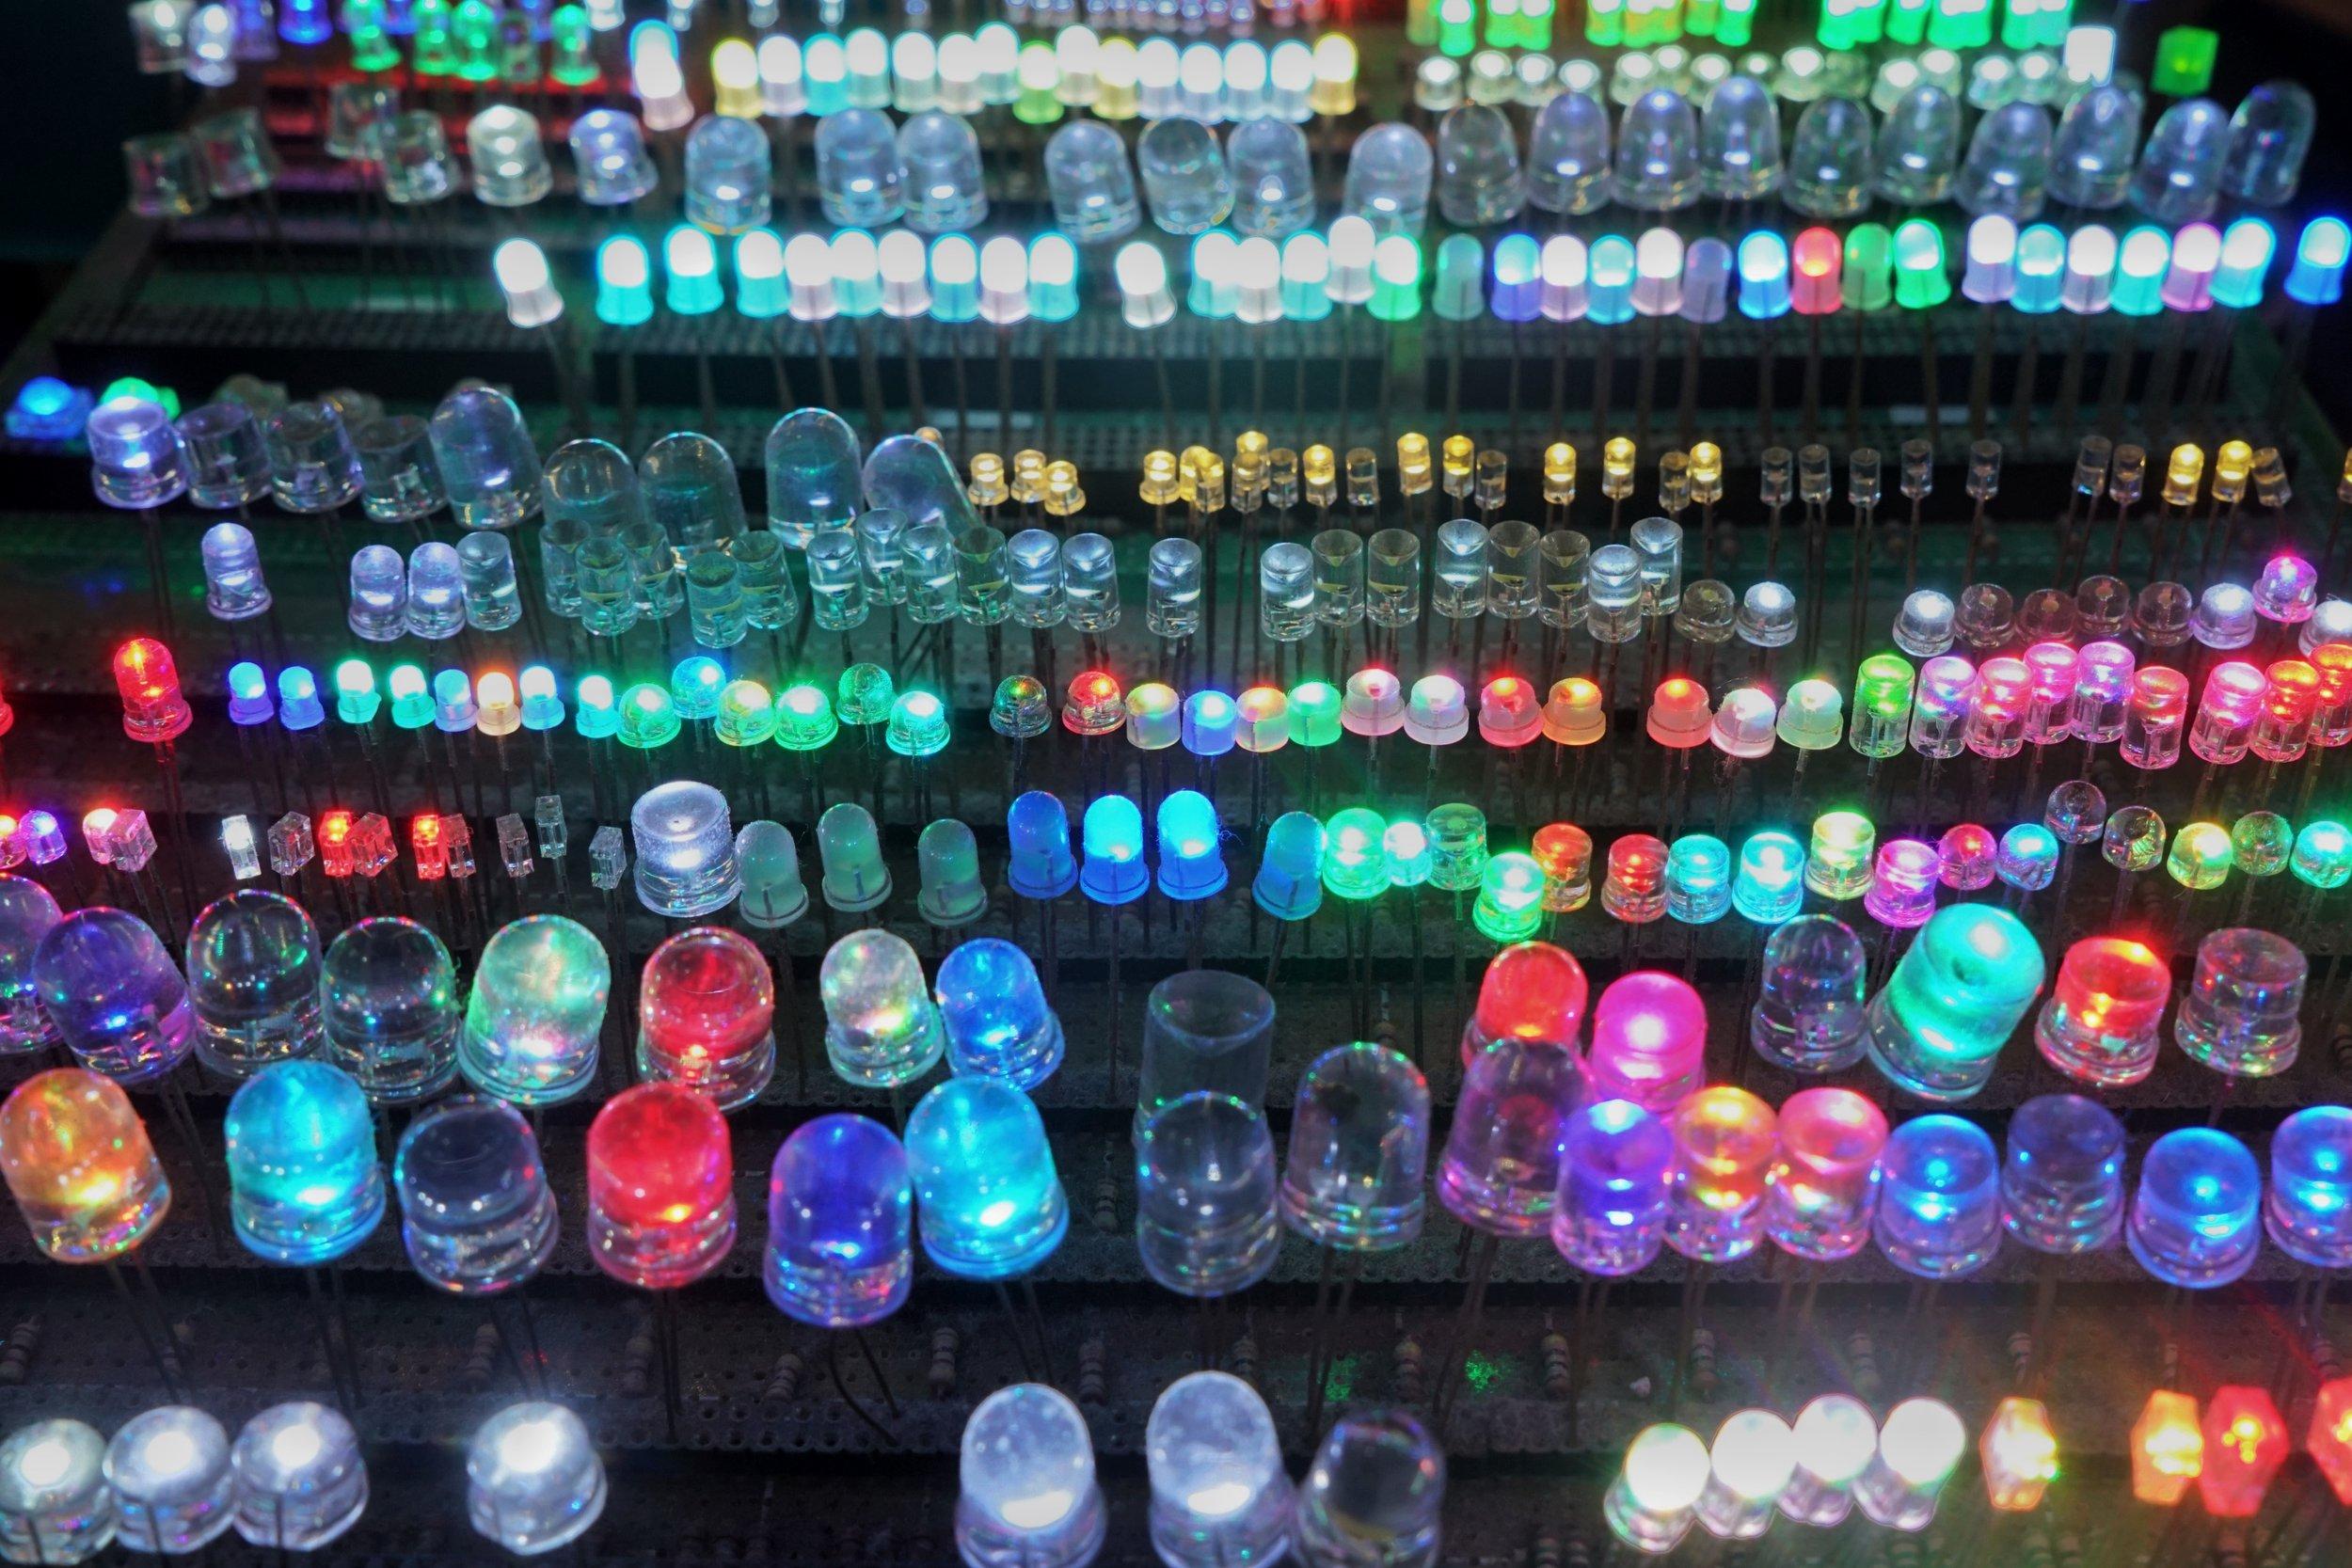 21-Shenzhen-LEDs.jpg